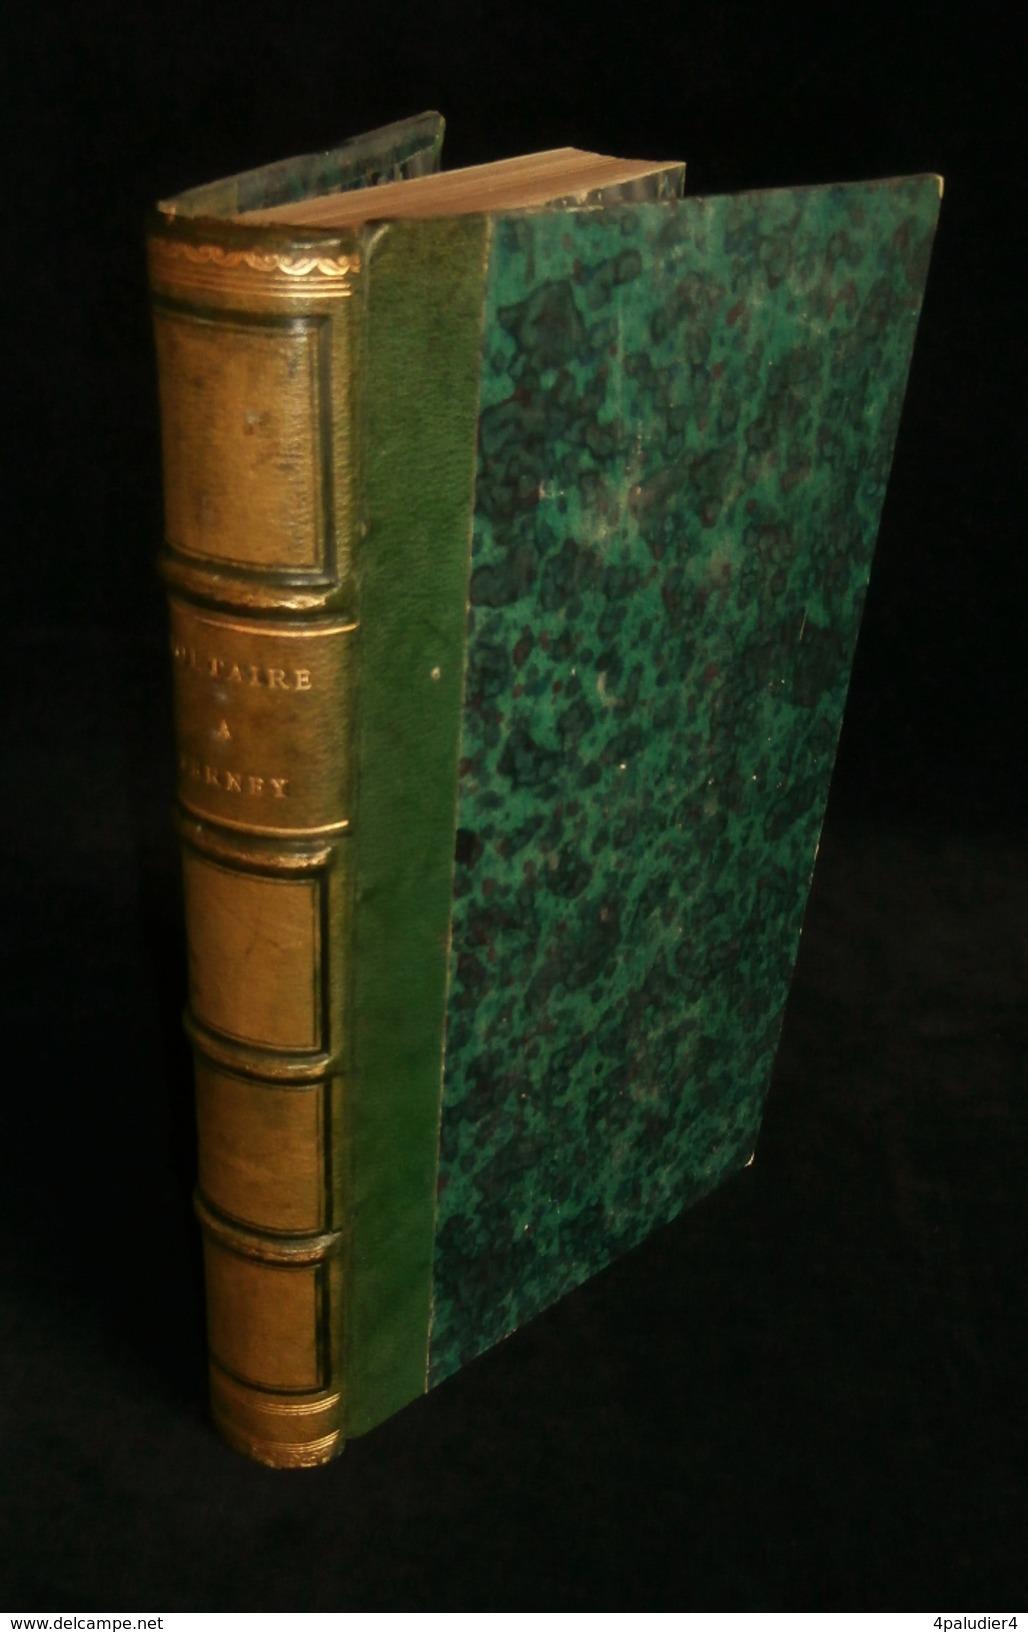 (Ferney-Voltaire Ain )  VOLTAIRE A FERNEY, Correspondance Avec La Duchesse Saxe-Gotha Evariste BAVOUX 1860 - Rhône-Alpes